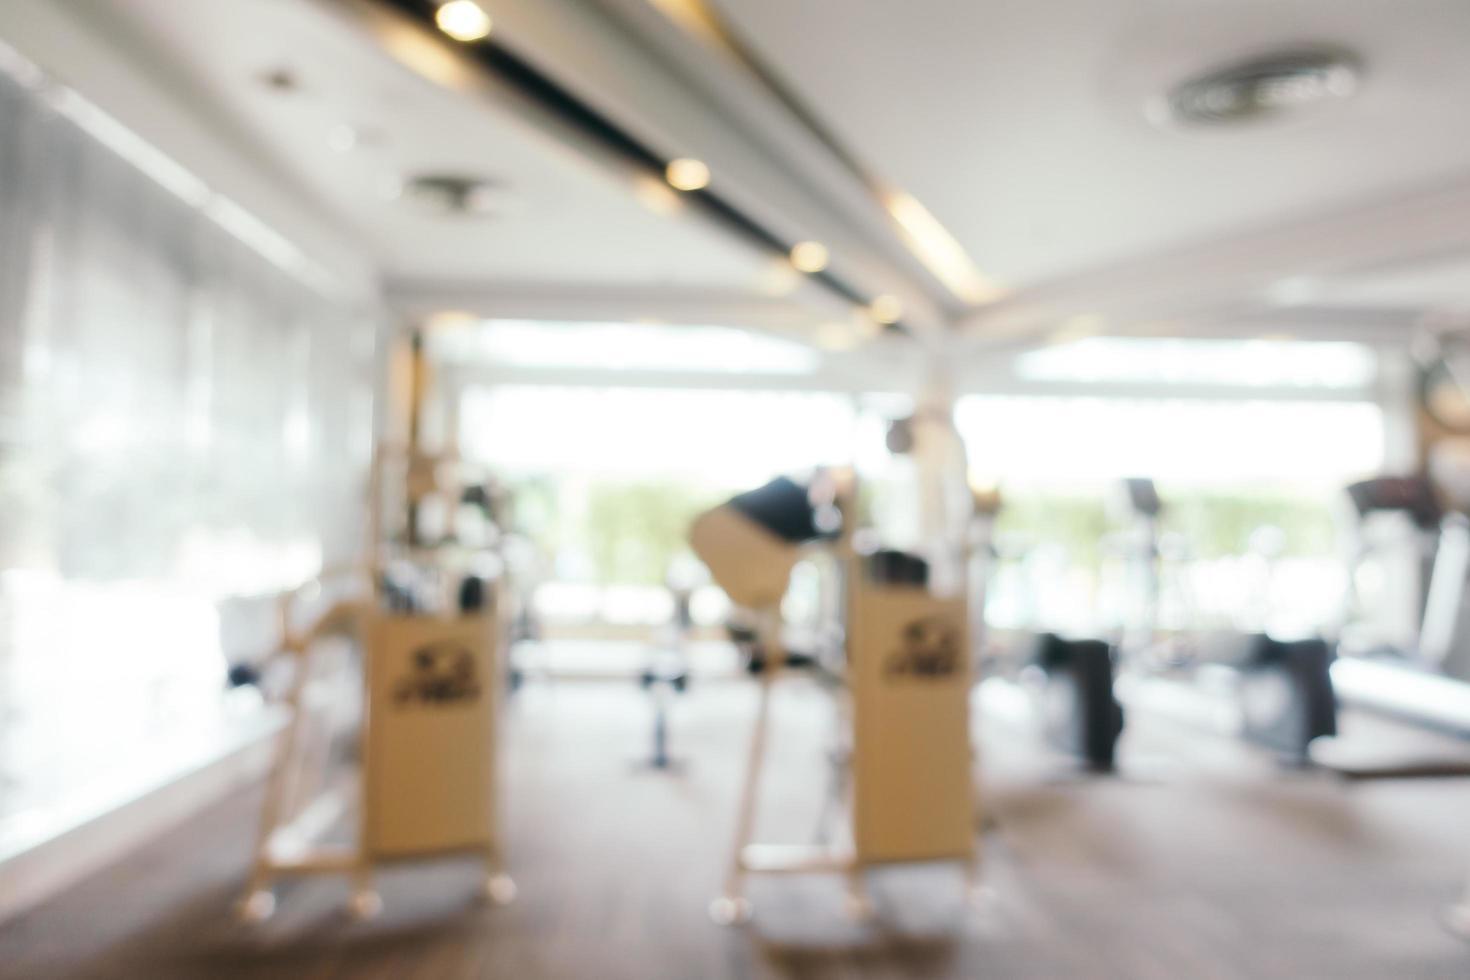 Desenfoque abstracto y equipo de fitness desenfocado foto